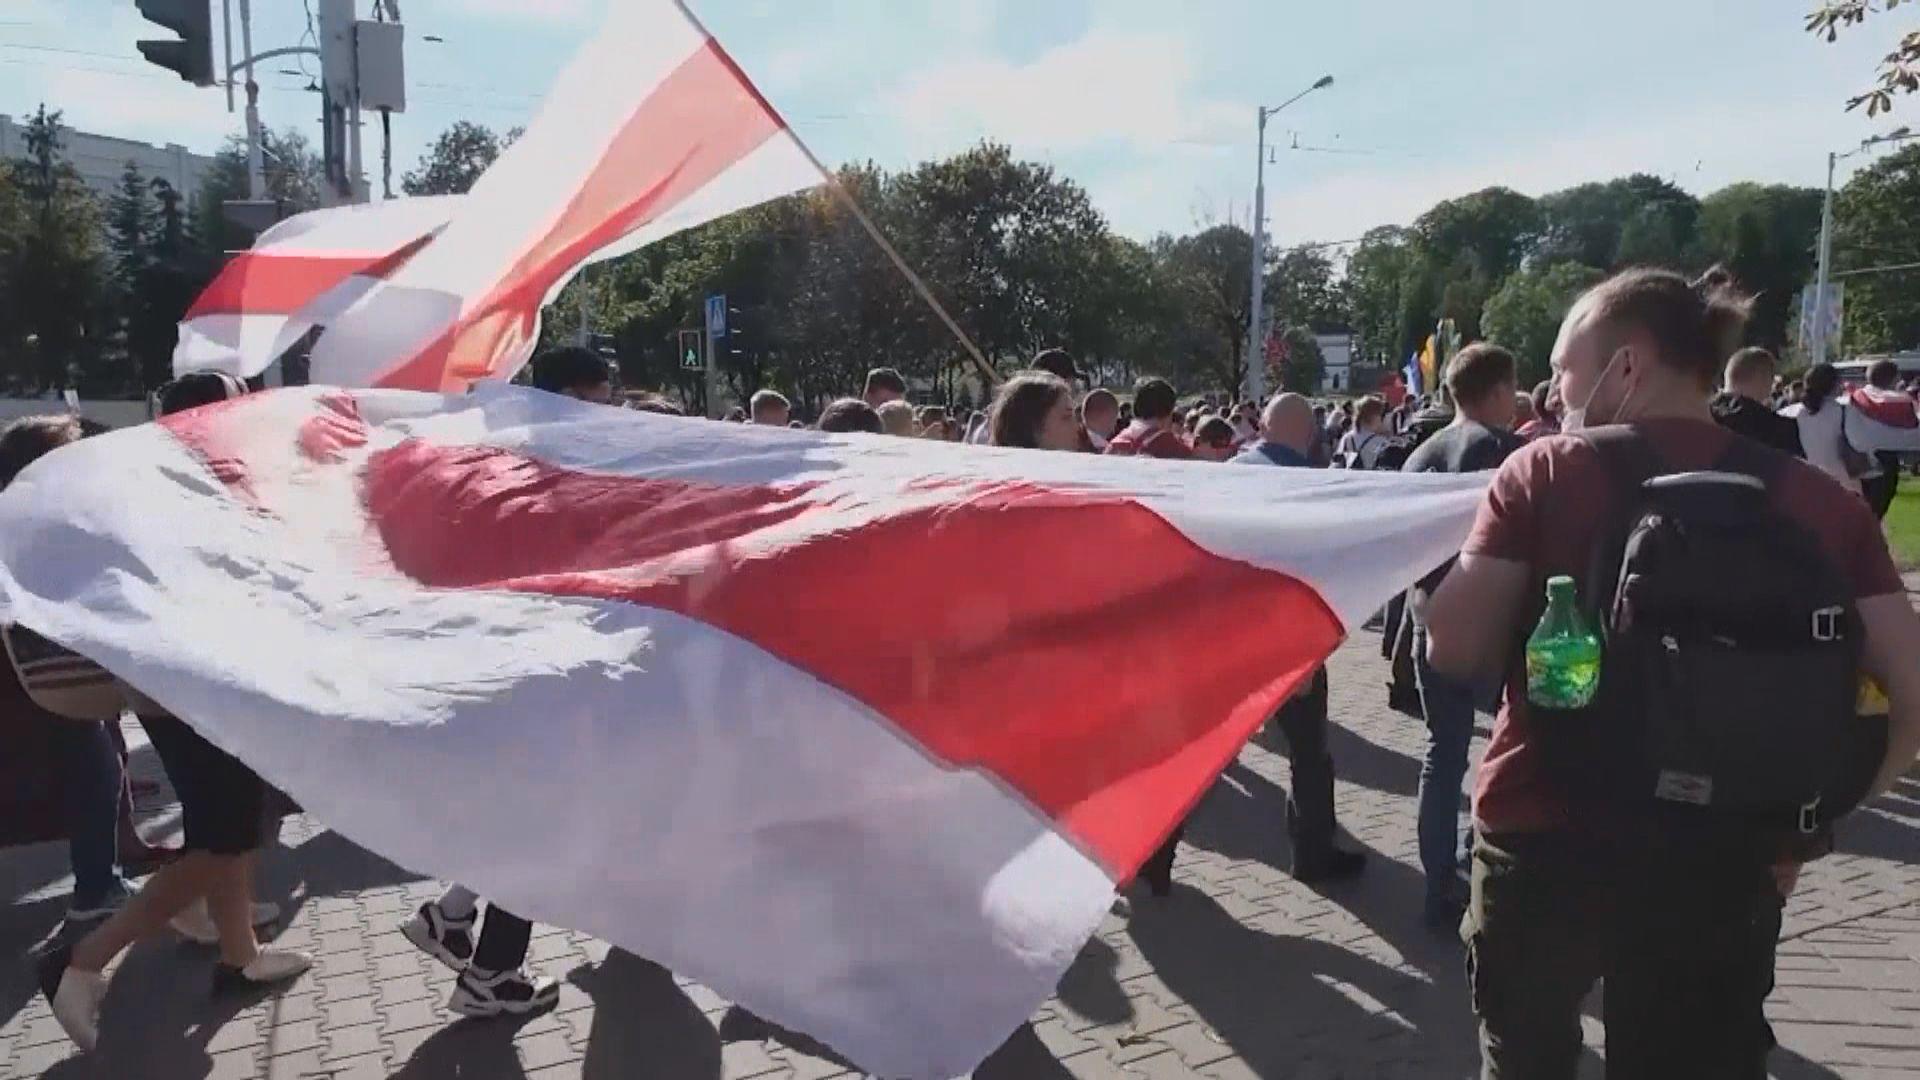 白俄羅斯連續第五周有反政府示威